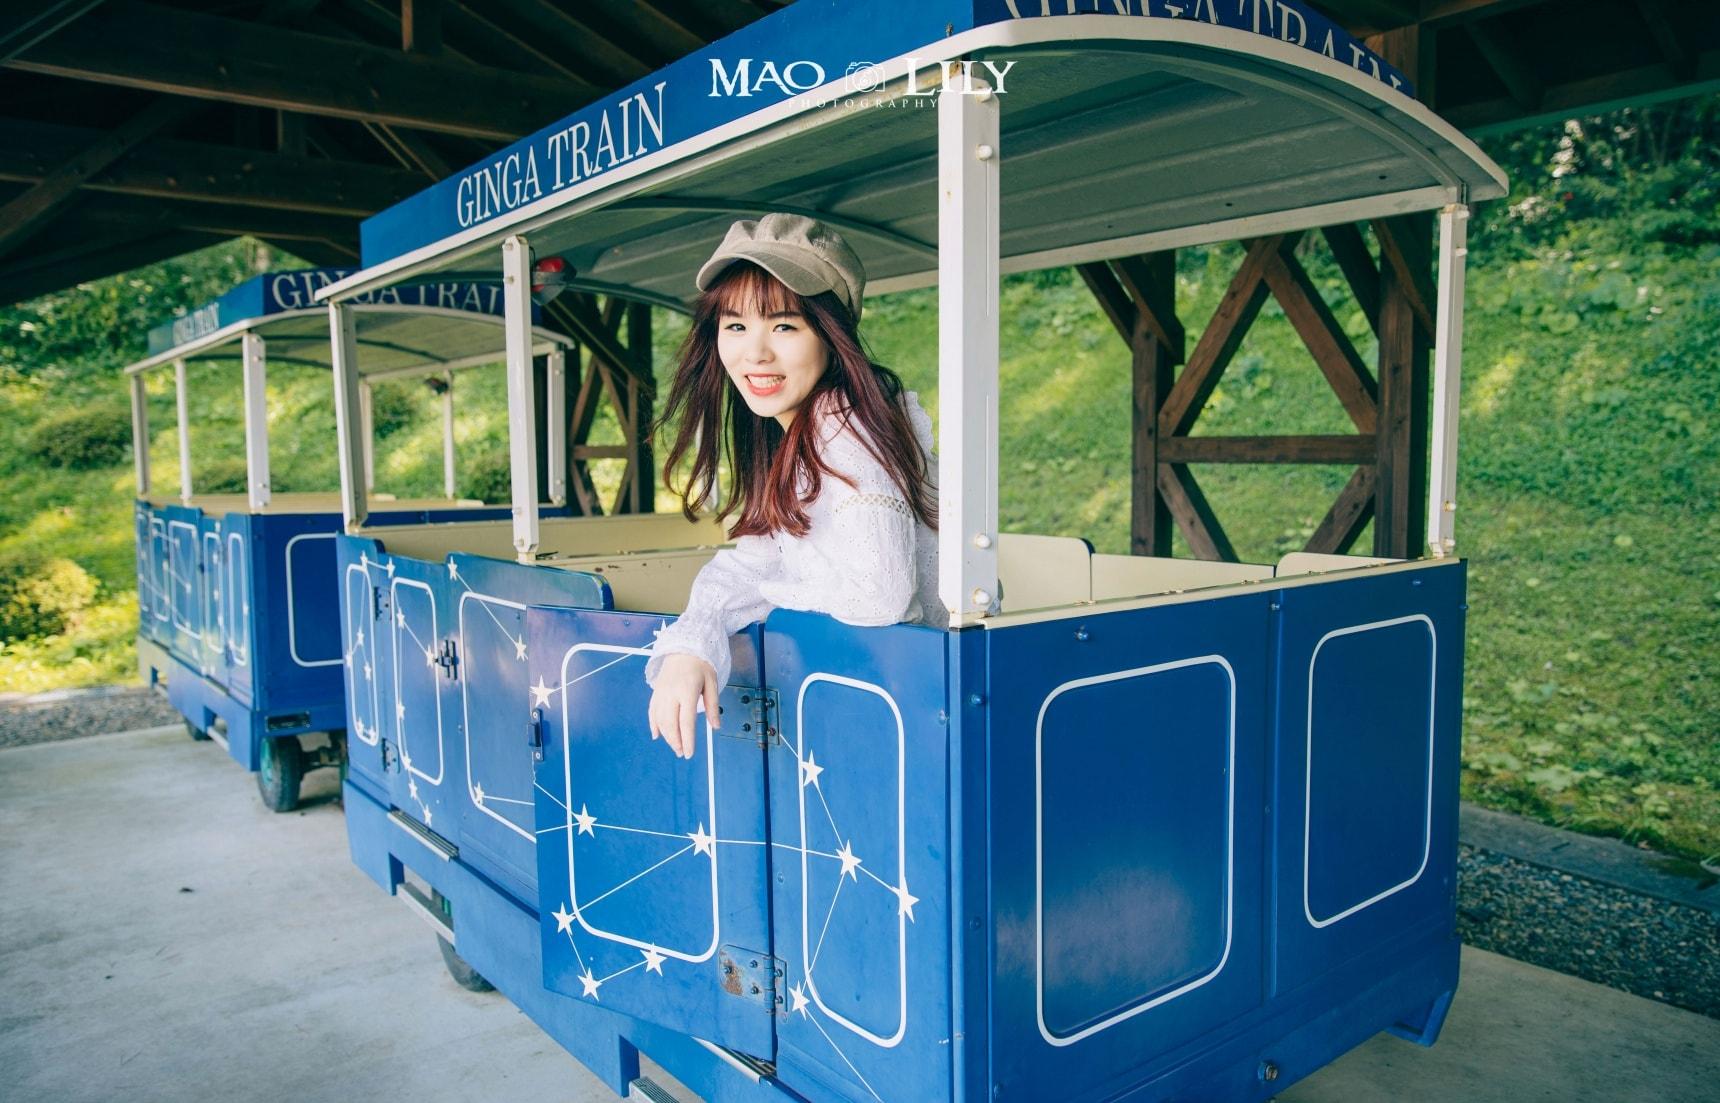 日本岩手:寻访宫泽贤治的童话世界